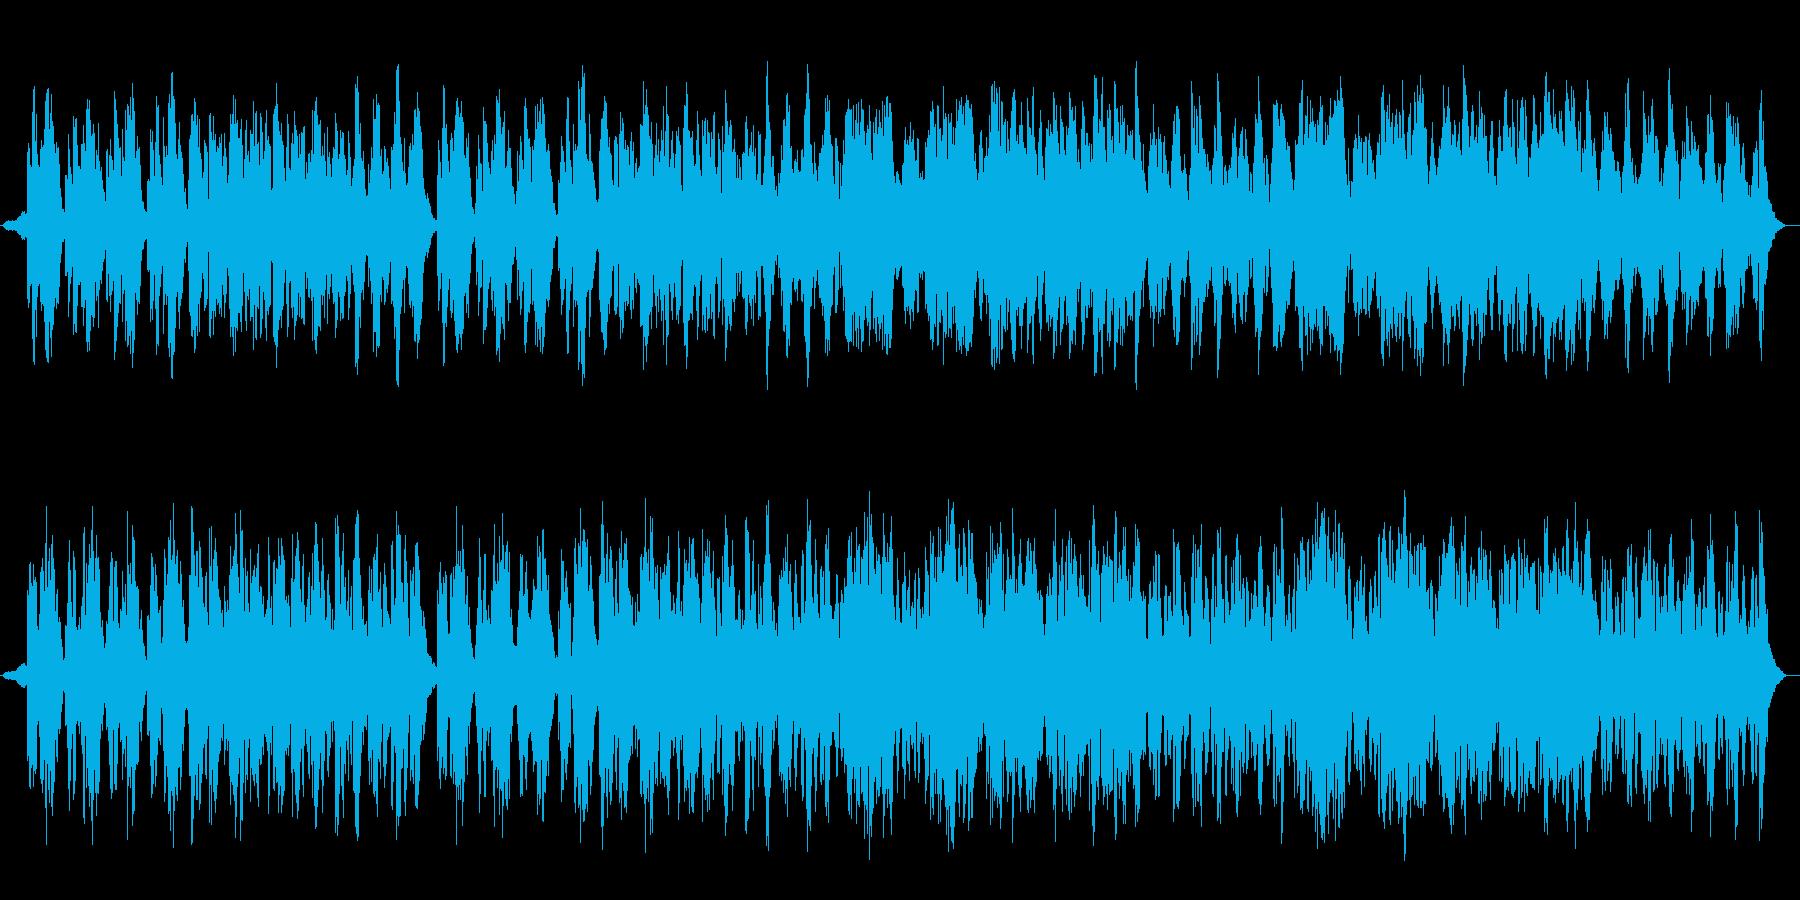 夜のまったりしたパイプオルガンのBGMの再生済みの波形